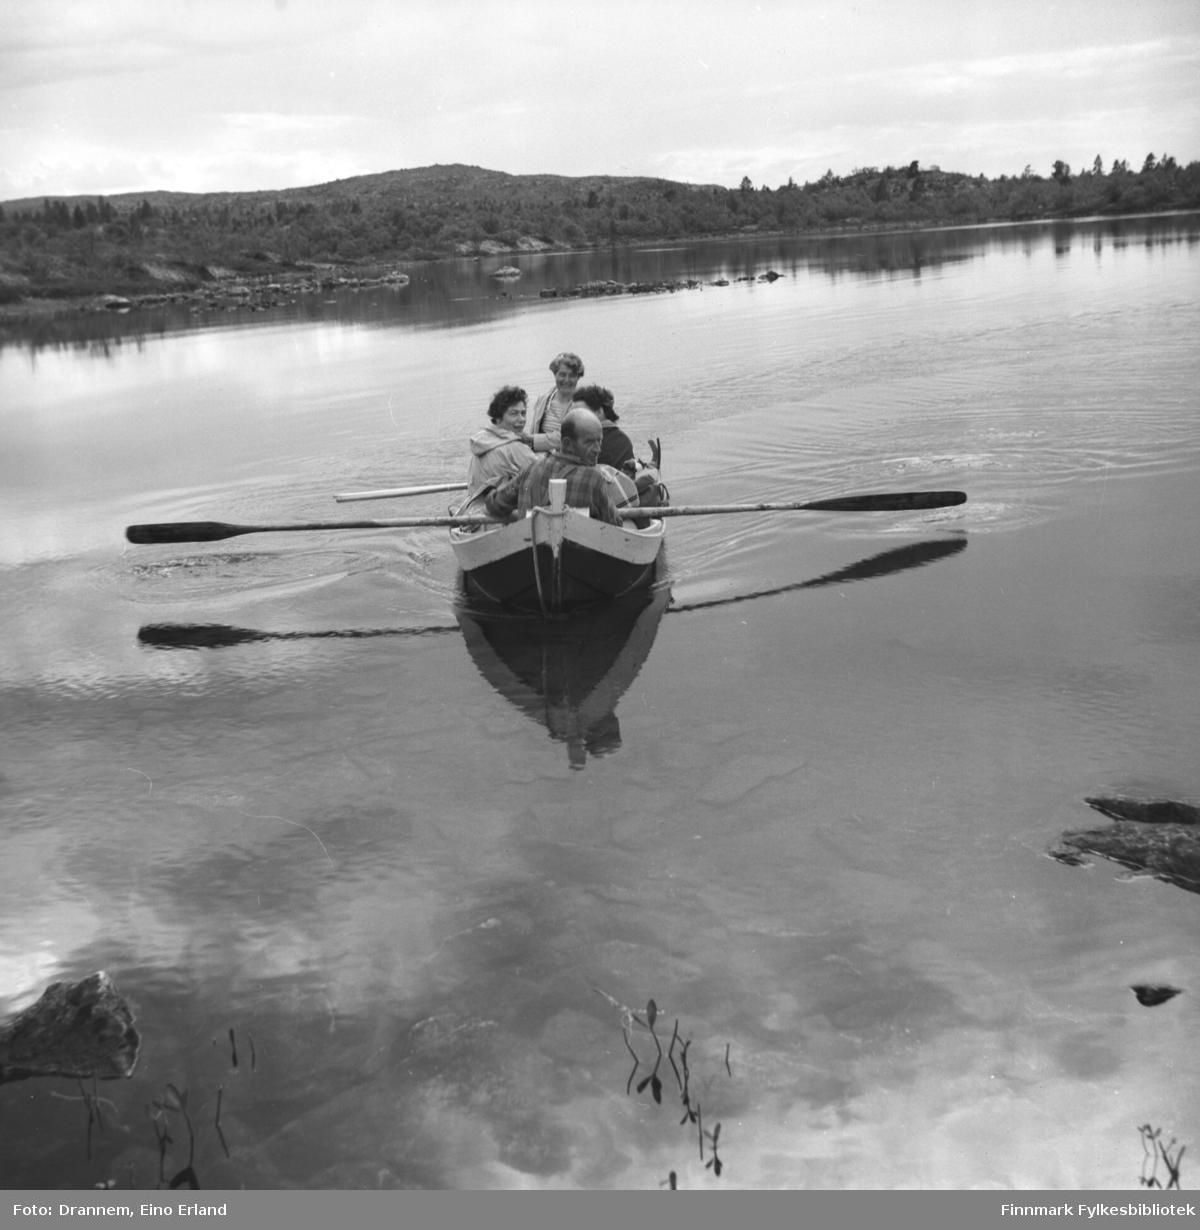 Fire personer sitter i en robåt. Jenny til venstre, Sonja bak og Uuno foran. En ukjent dame ses til høyre i båten.